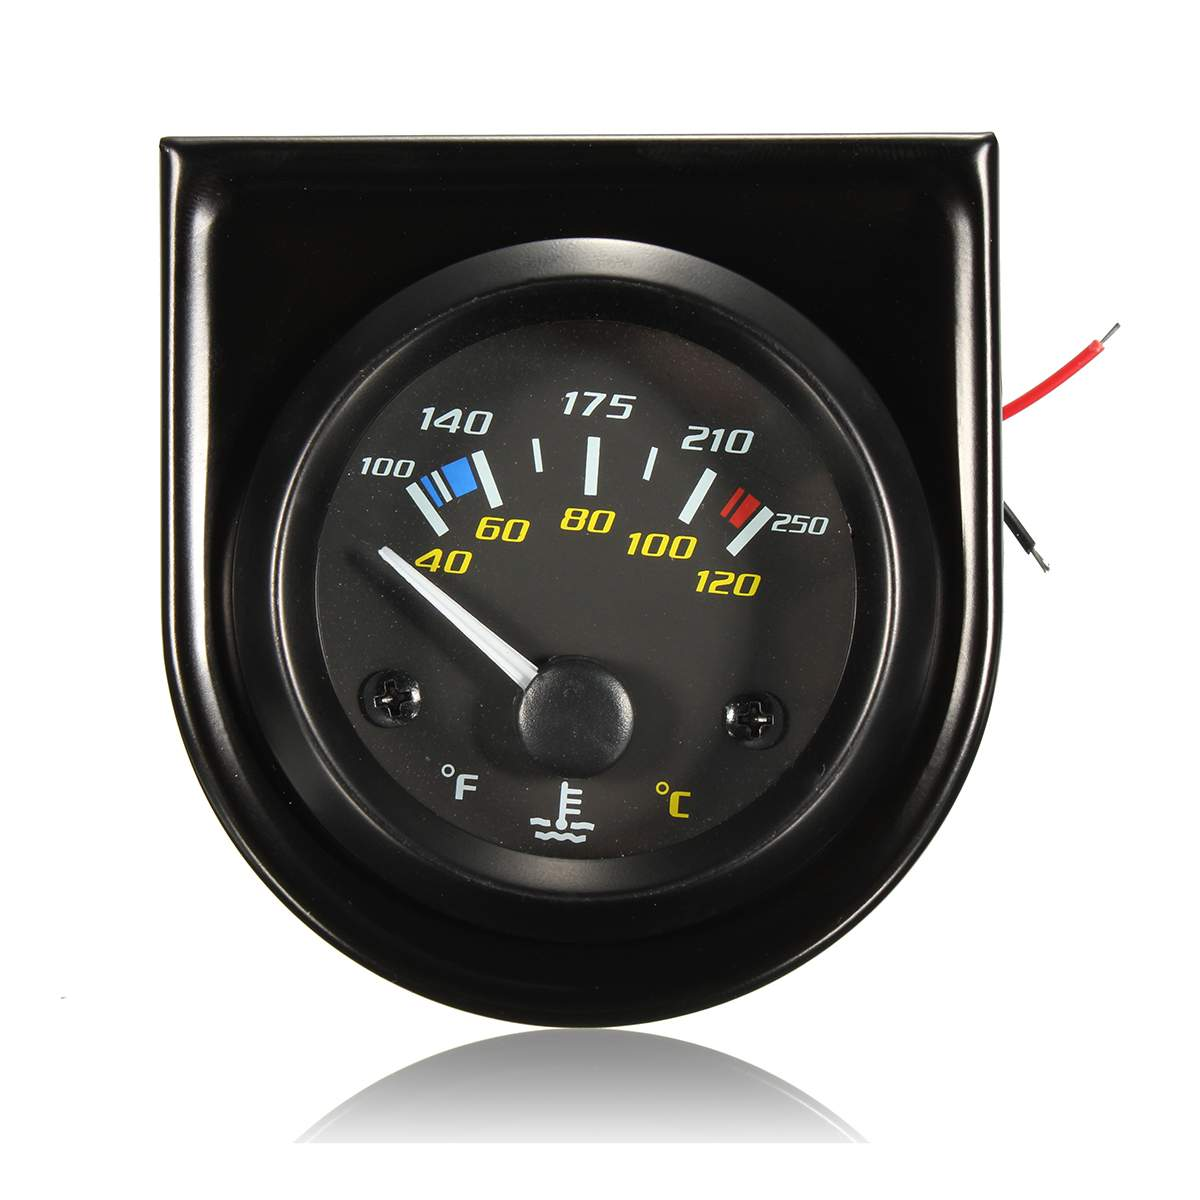 puntero de temperatura del agua del coche 12/V Instrumentos de coche Medidor de temperatura de 40 a 120,/LED blanco 5 cm,/universal